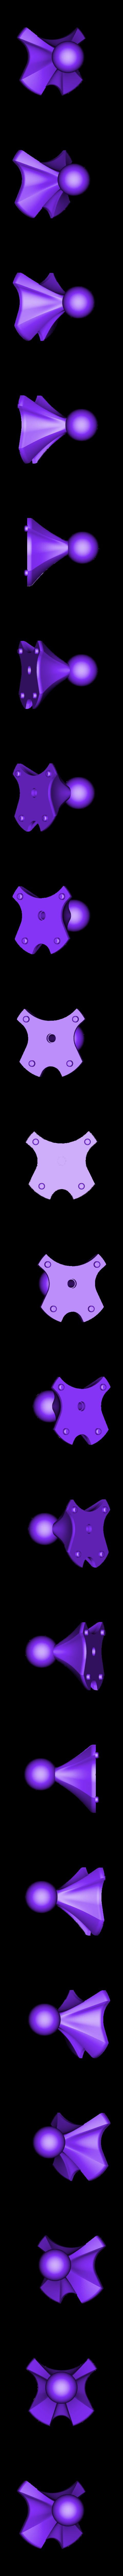 celular brazo esfera carcasa.stl Télécharger fichier STL gratuit Logement nokia 1020 • Modèle pour impression 3D, saginau